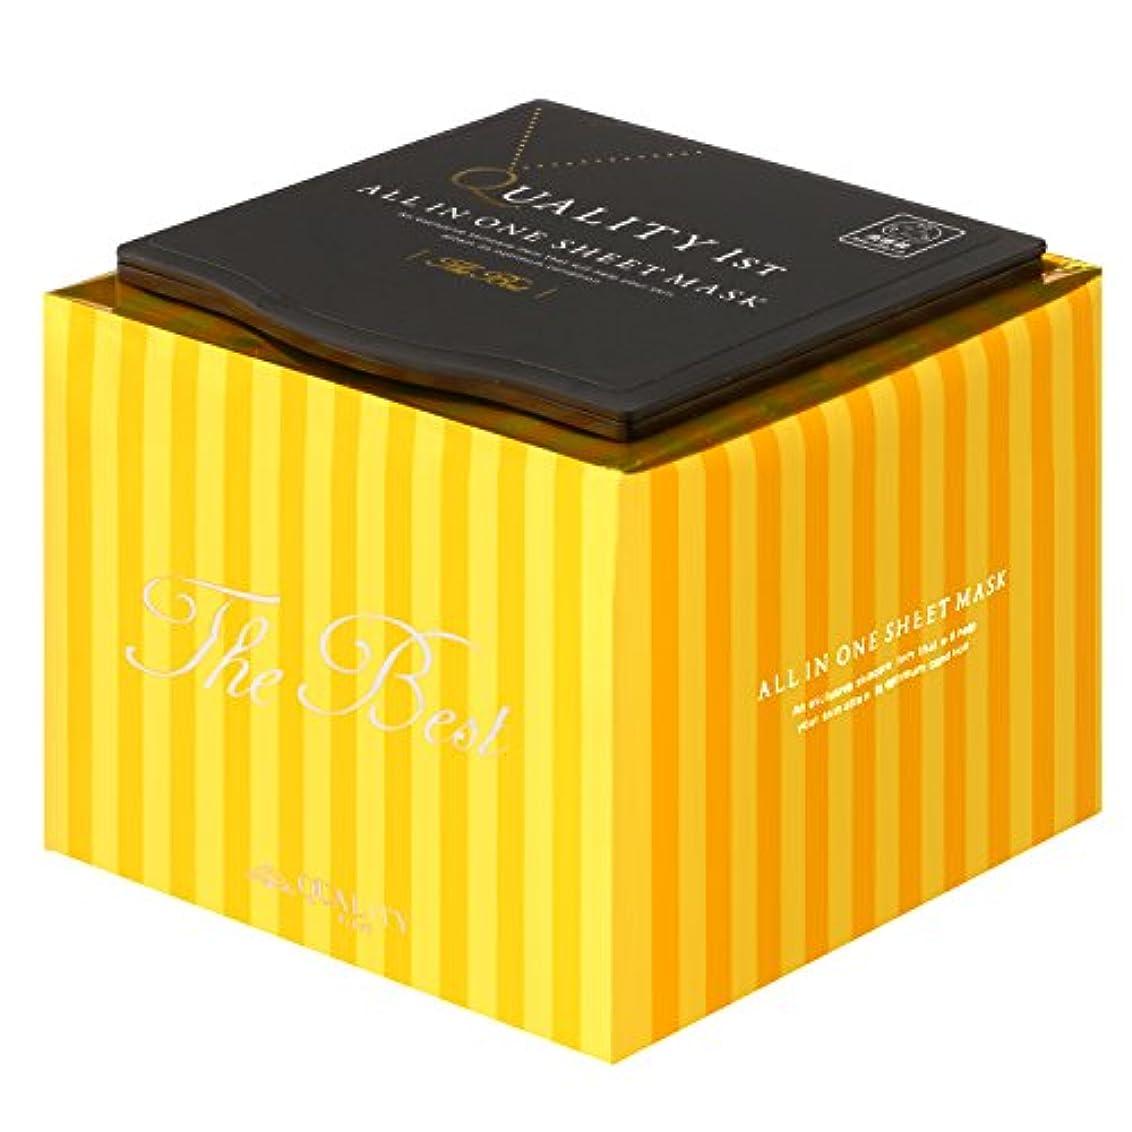 クラウン歯バンドルオールインワンシートマスク ザ・ベストEX (30枚) BOX